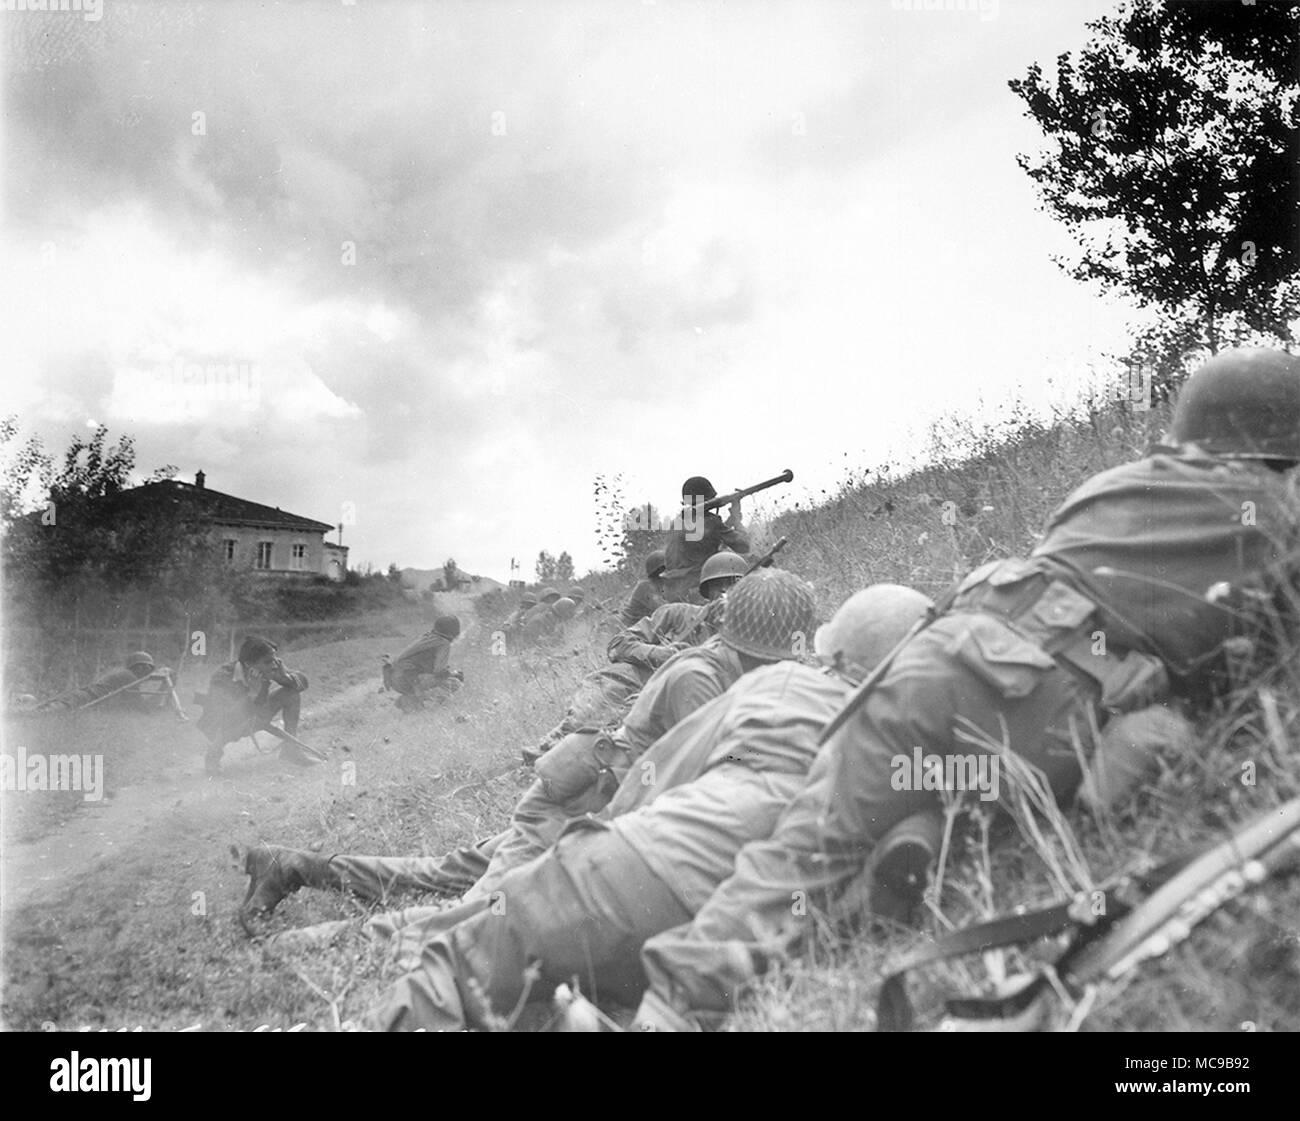 """Panzerfaust, Soldat feuert einen M1 """"Bazooka"""". Tragbare rückstoßfreie Anti-tank Rocket Launcher Waffe, weithin von der United States Army auffing. Stockbild"""